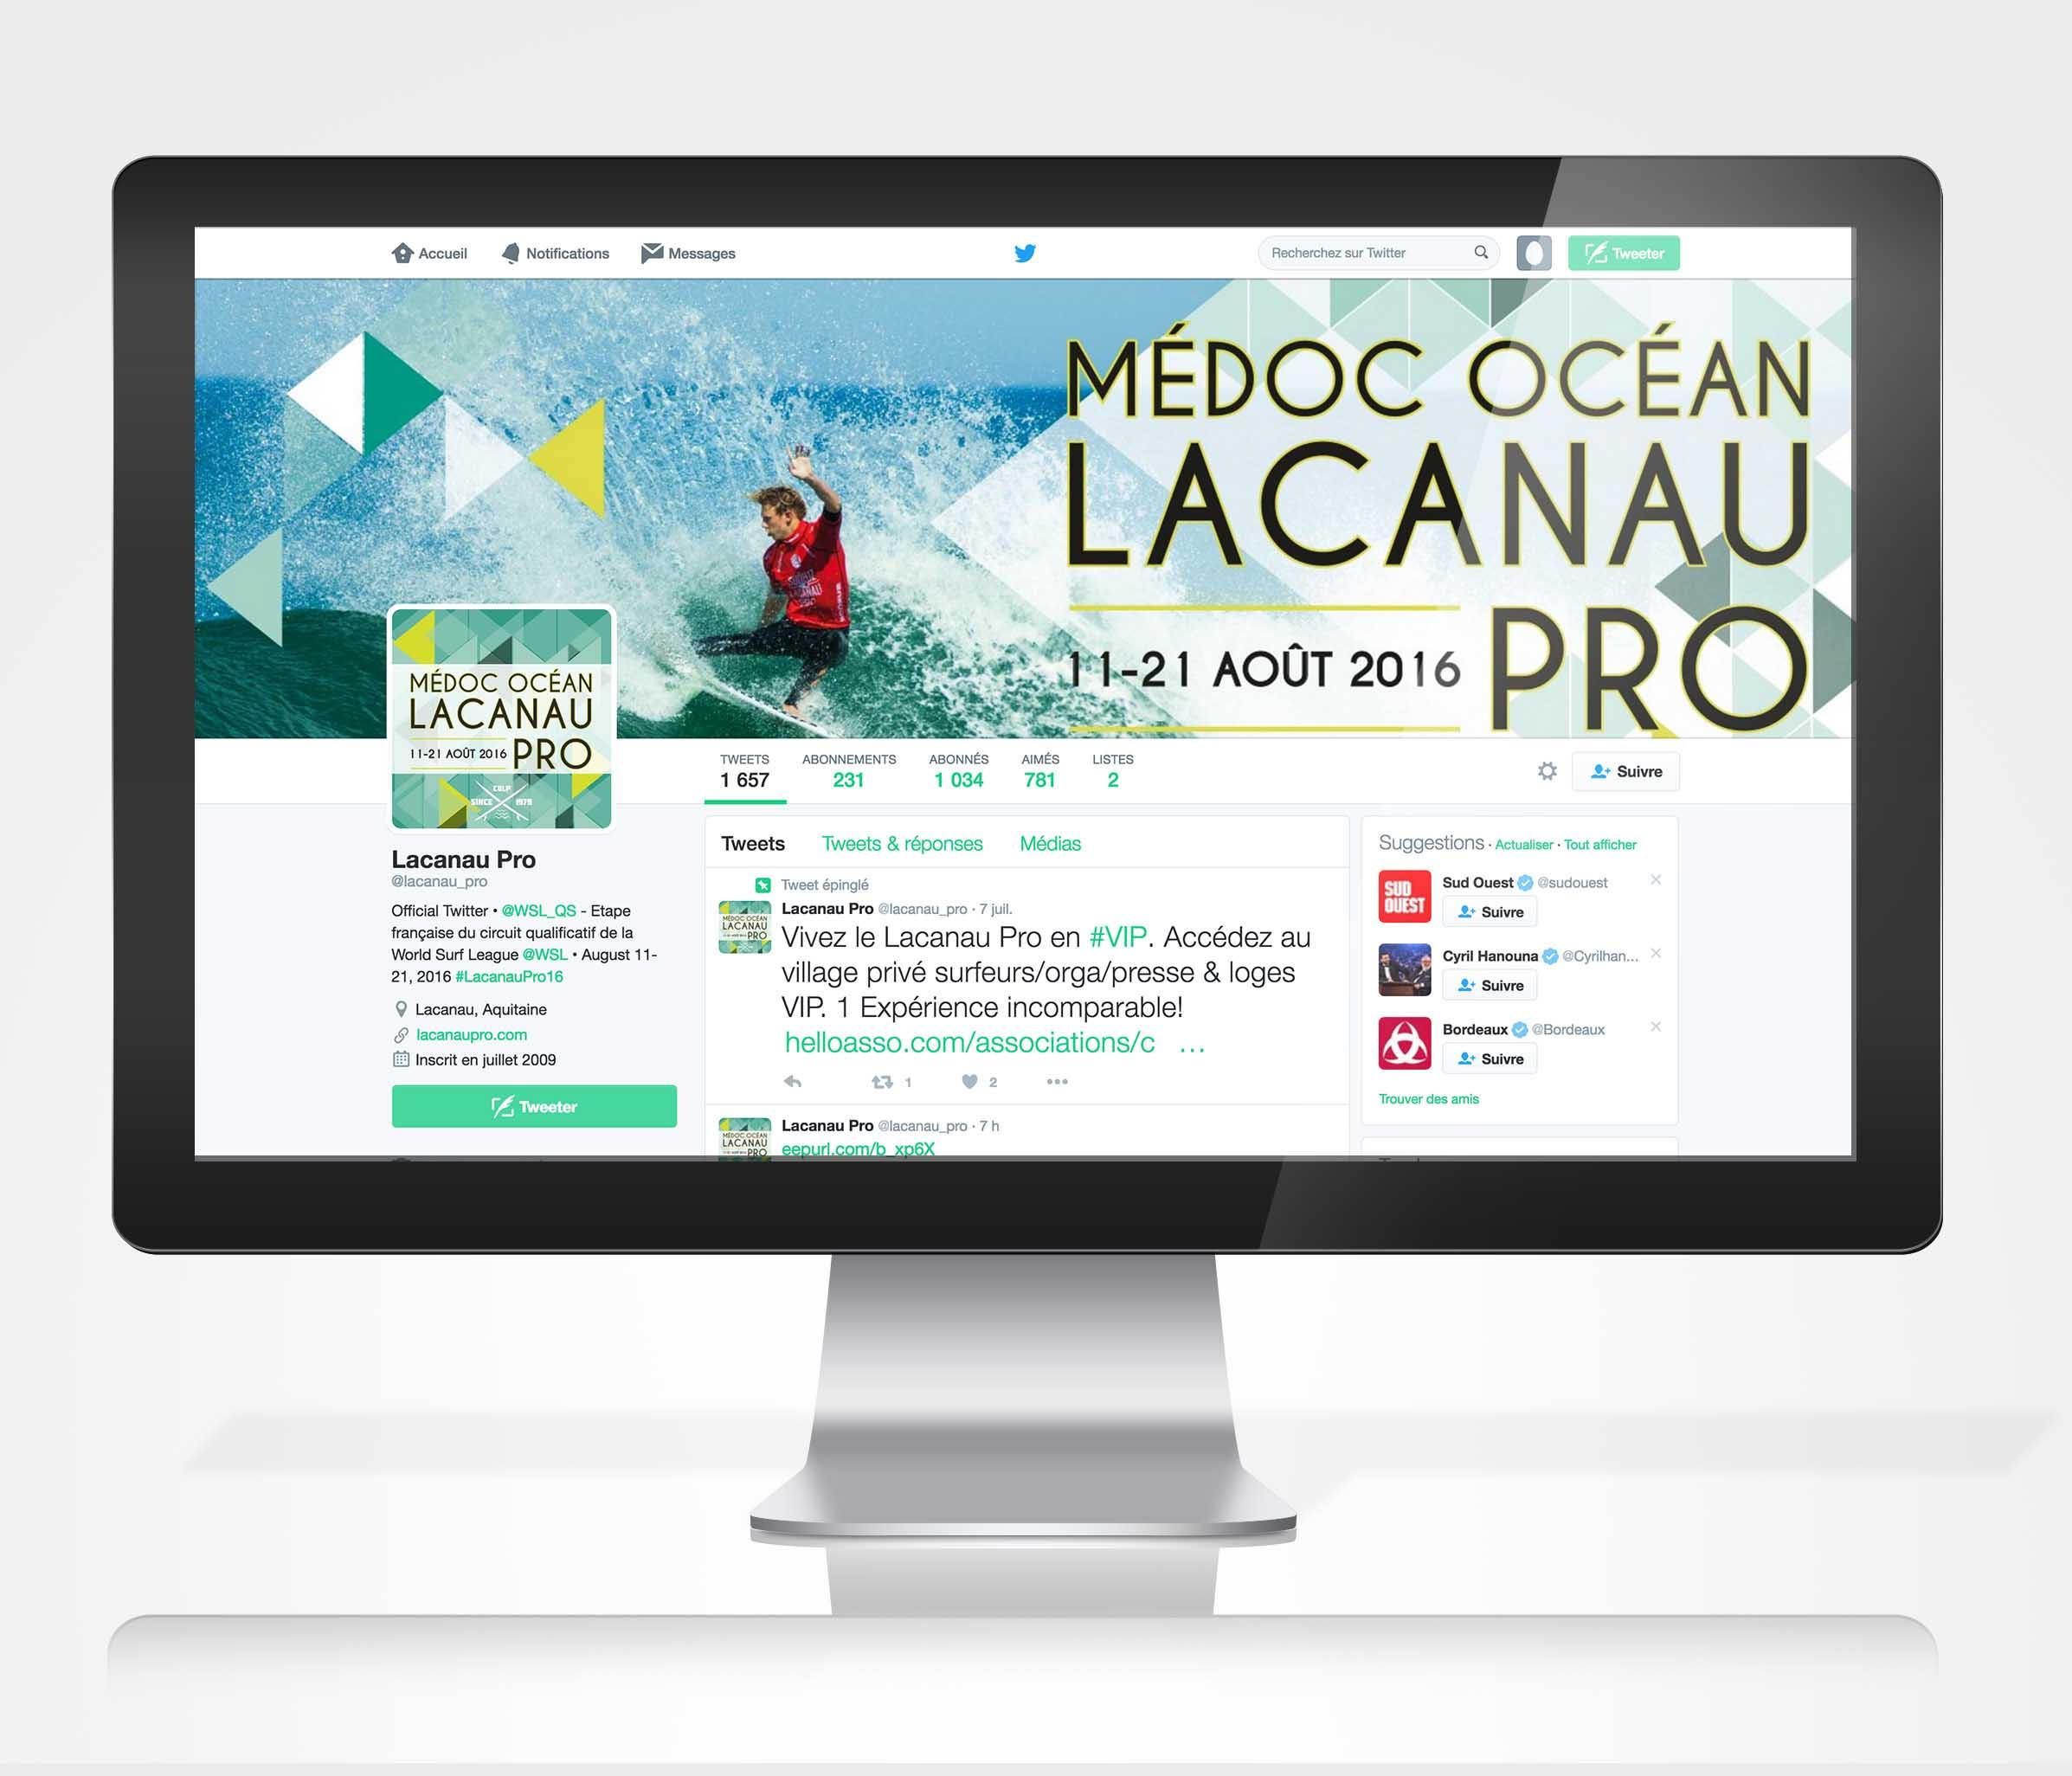 médoc océan lacanau pro réseaux sociaux